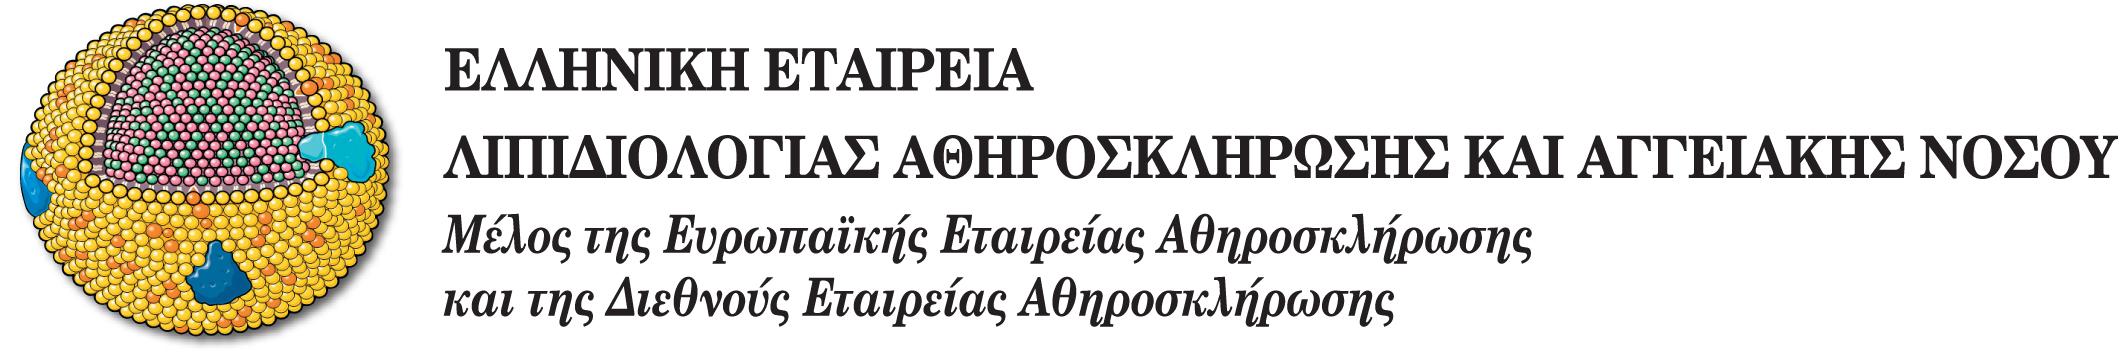 www.eelia.gr